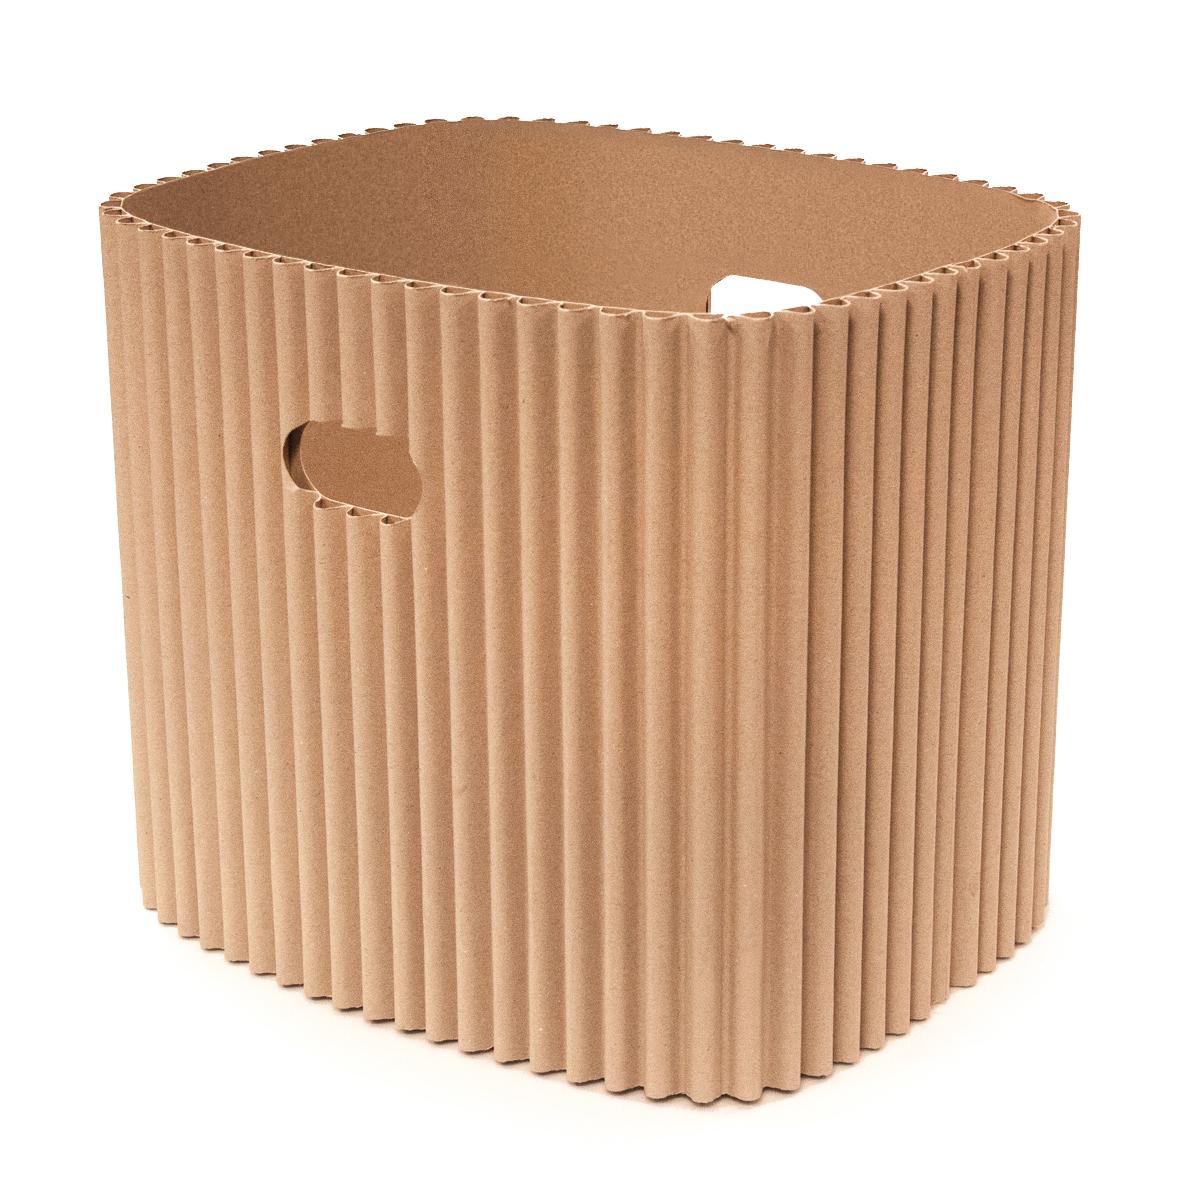 Scatole di cartone – riAlto™_Box